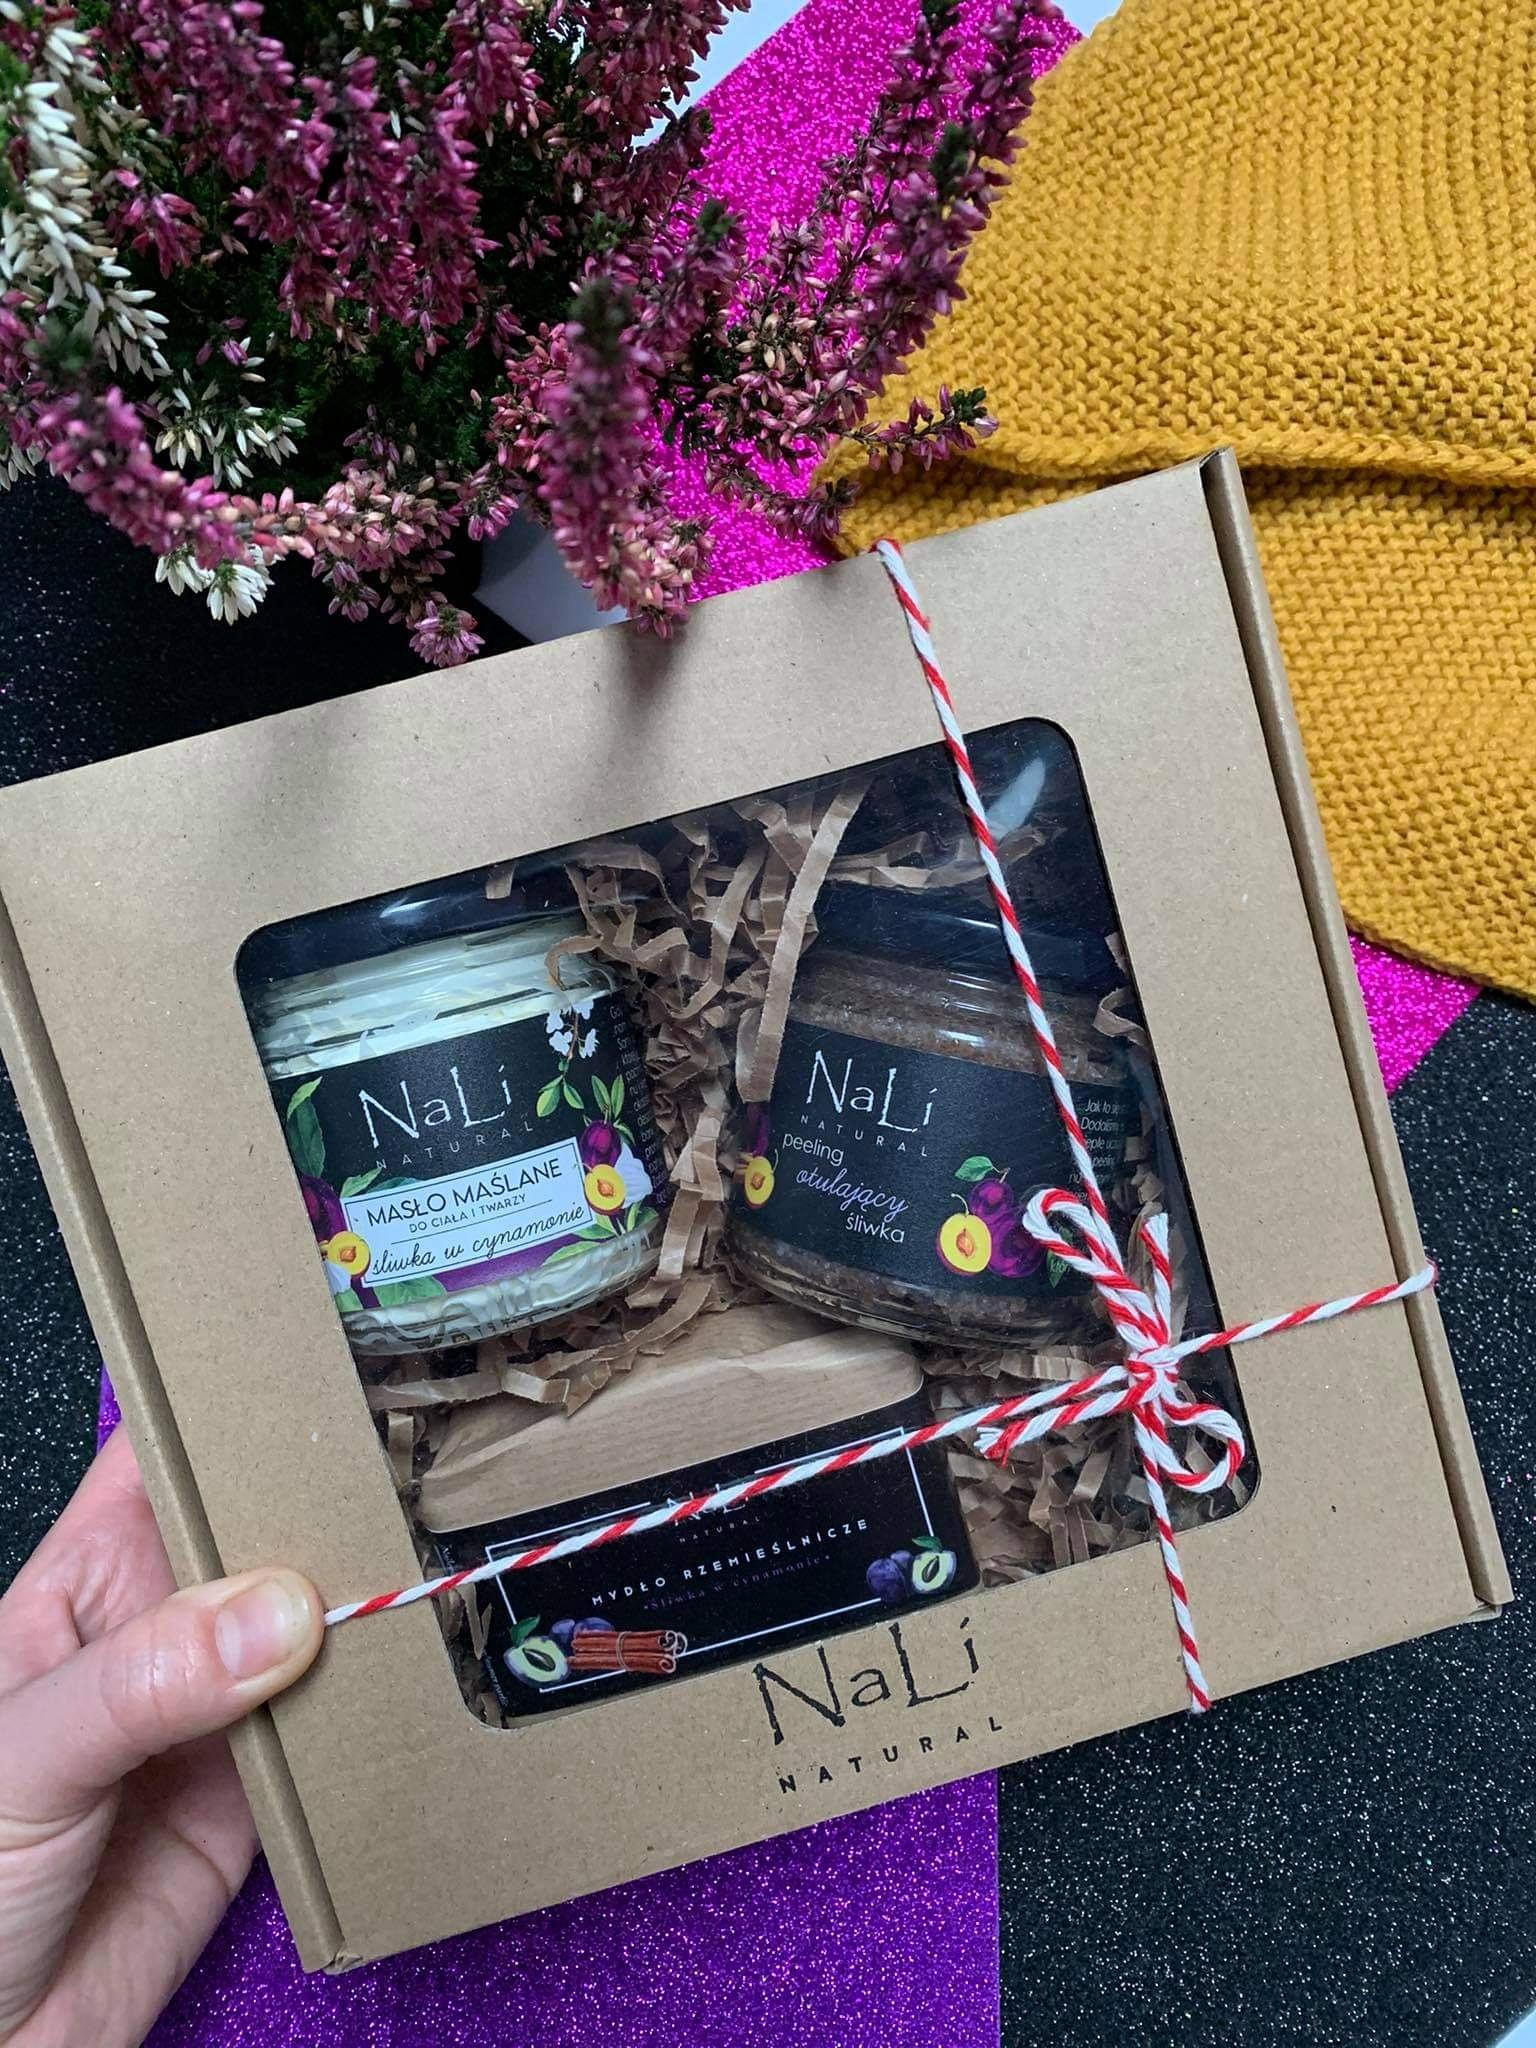 Zestaw prezentowy Nali Natural